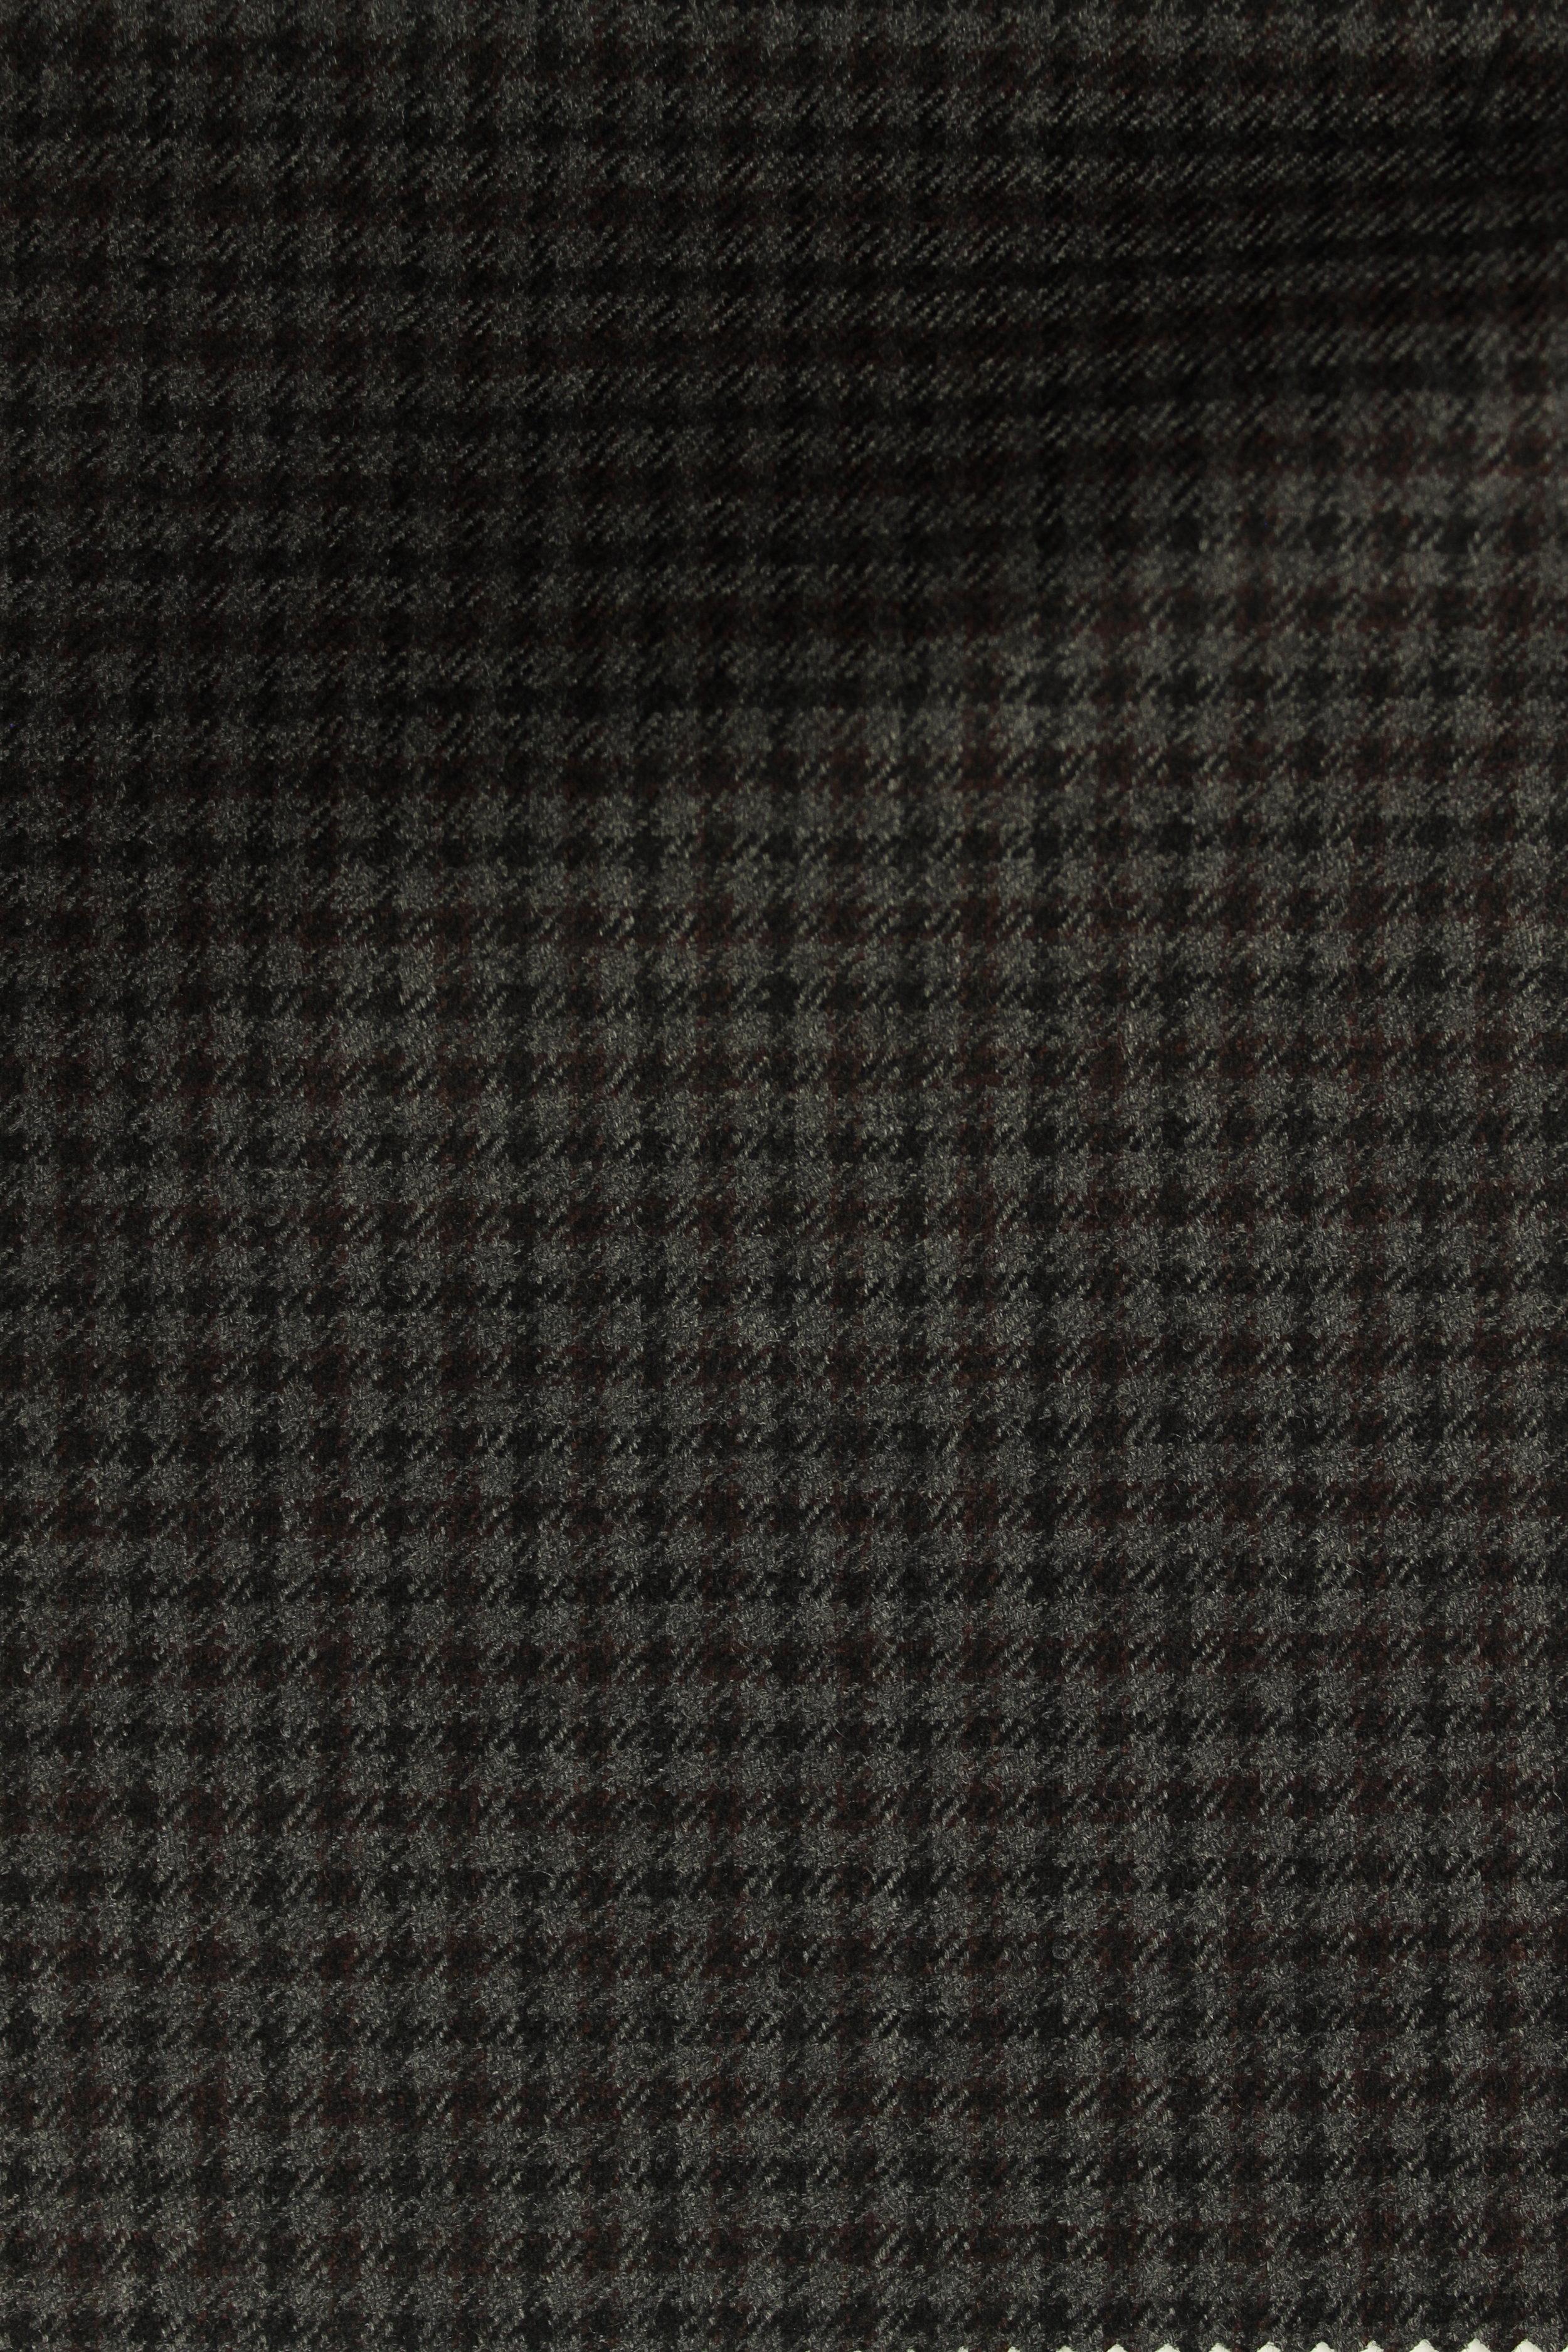 7382 Brown Microcheck Tweed 320g.JPG